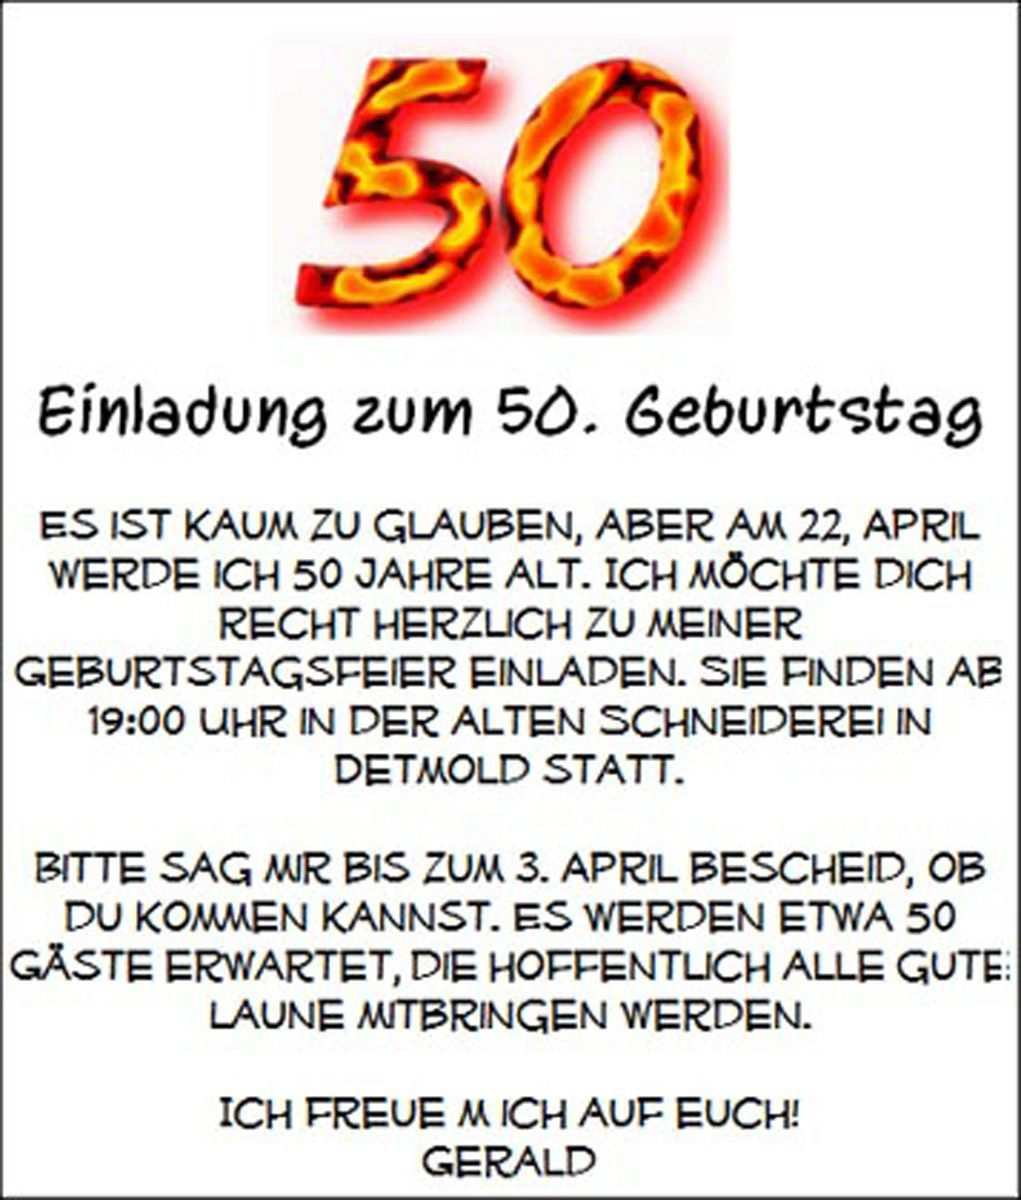 Einladungskarten Geburtstag Einladungskarten 50 Geburtstag Vorlagen Einladung Zum Geburtstag Einladung Zum Geburtstag